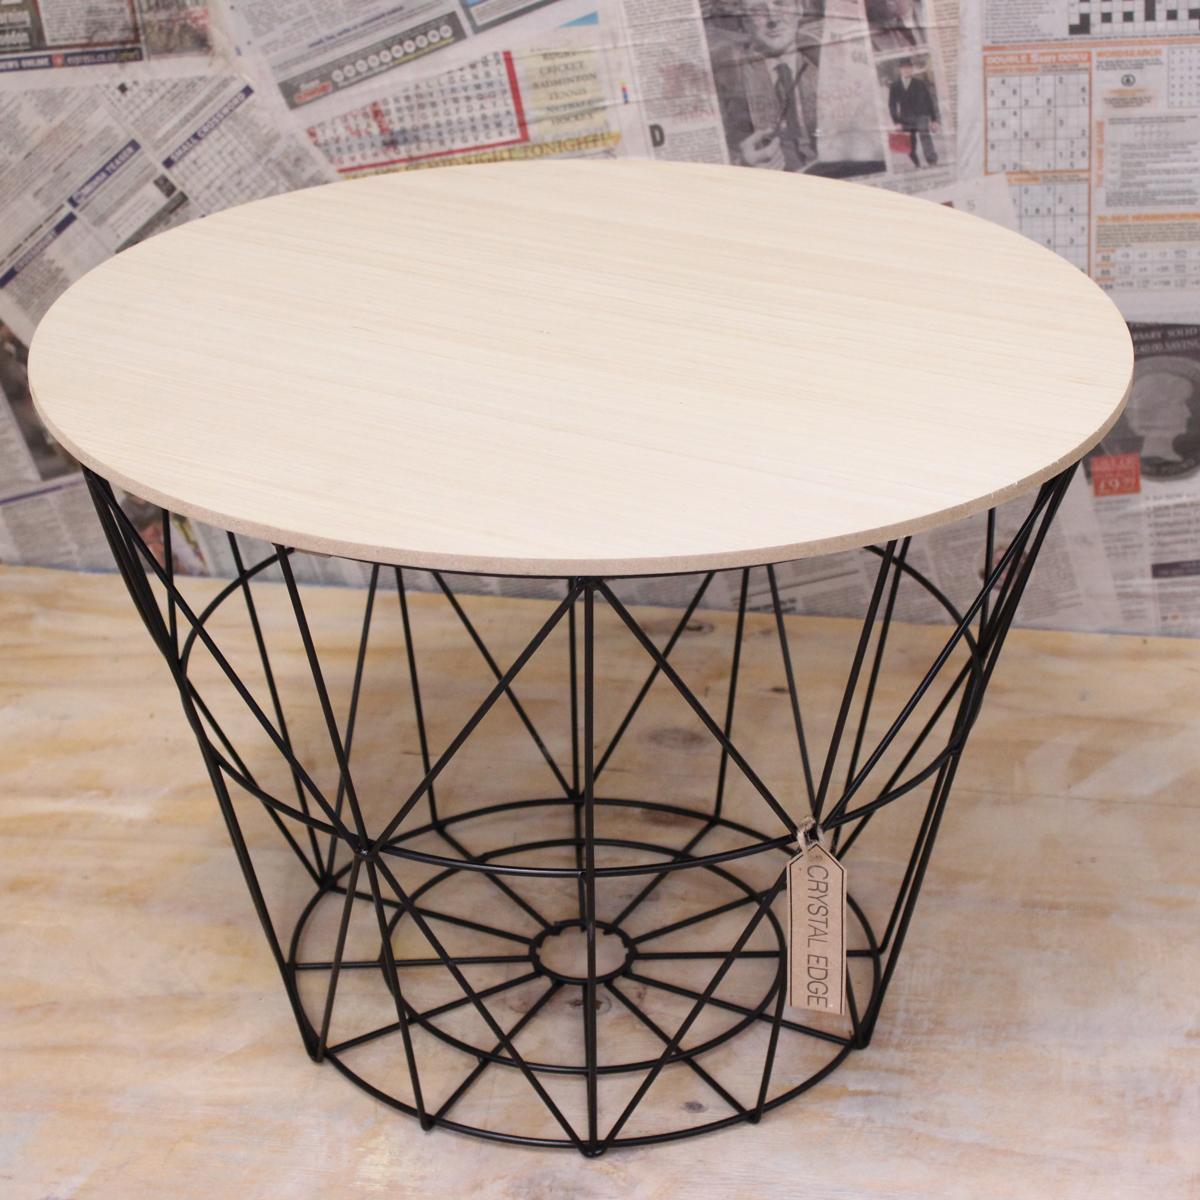 gro e h lzerne tisch metalldraht mit deckel aufbewahrungskorb rund kaffee 5024418116110 ebay. Black Bedroom Furniture Sets. Home Design Ideas